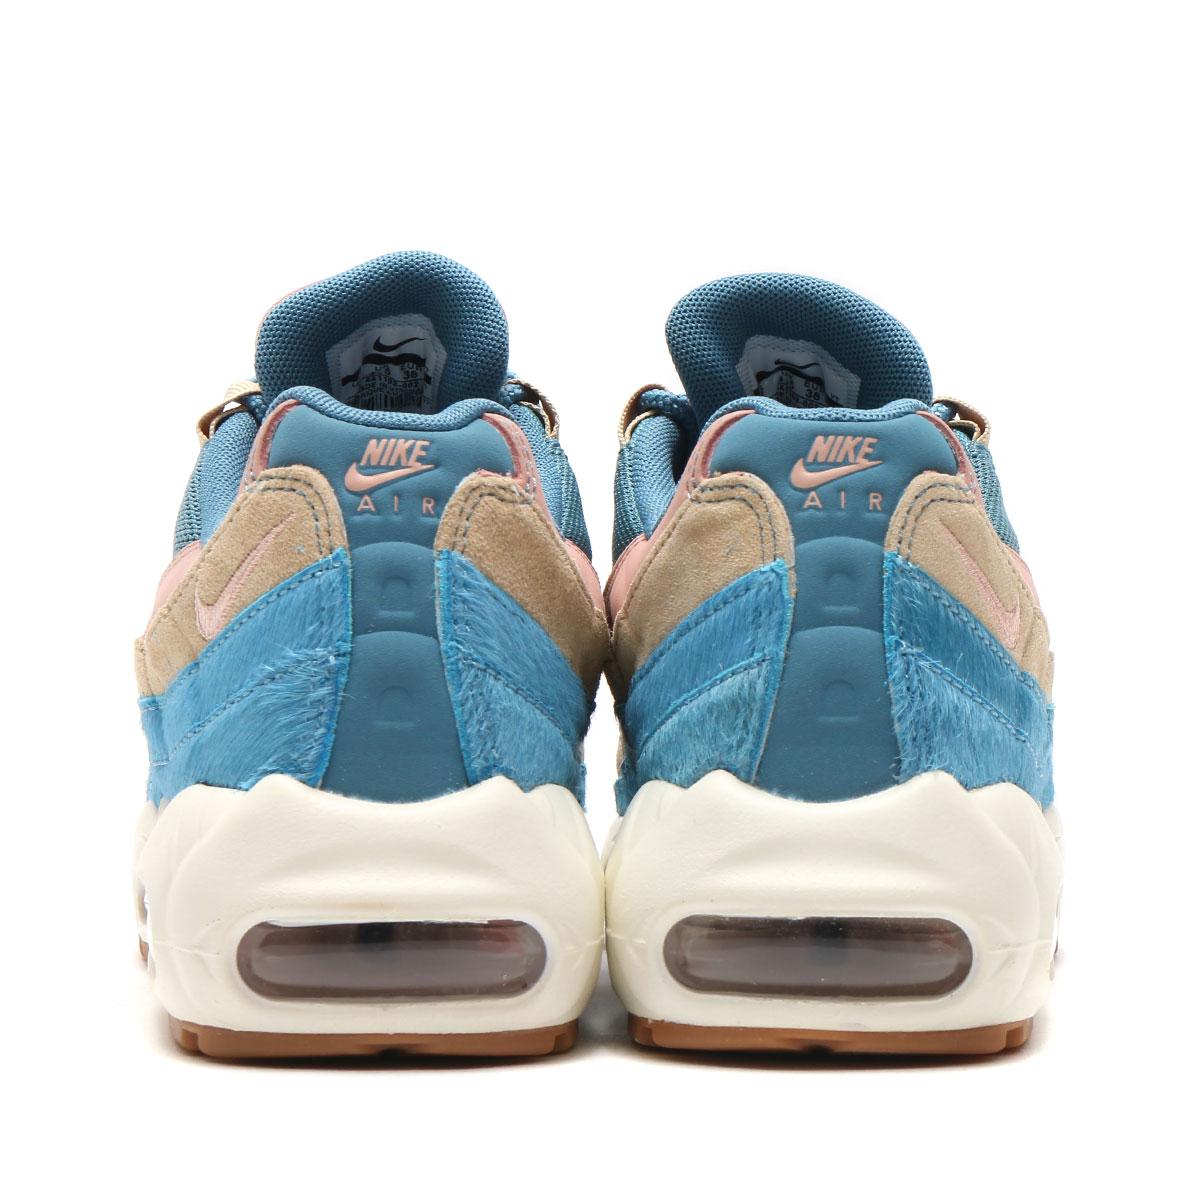 nike air max 95 lx smokey blue nz